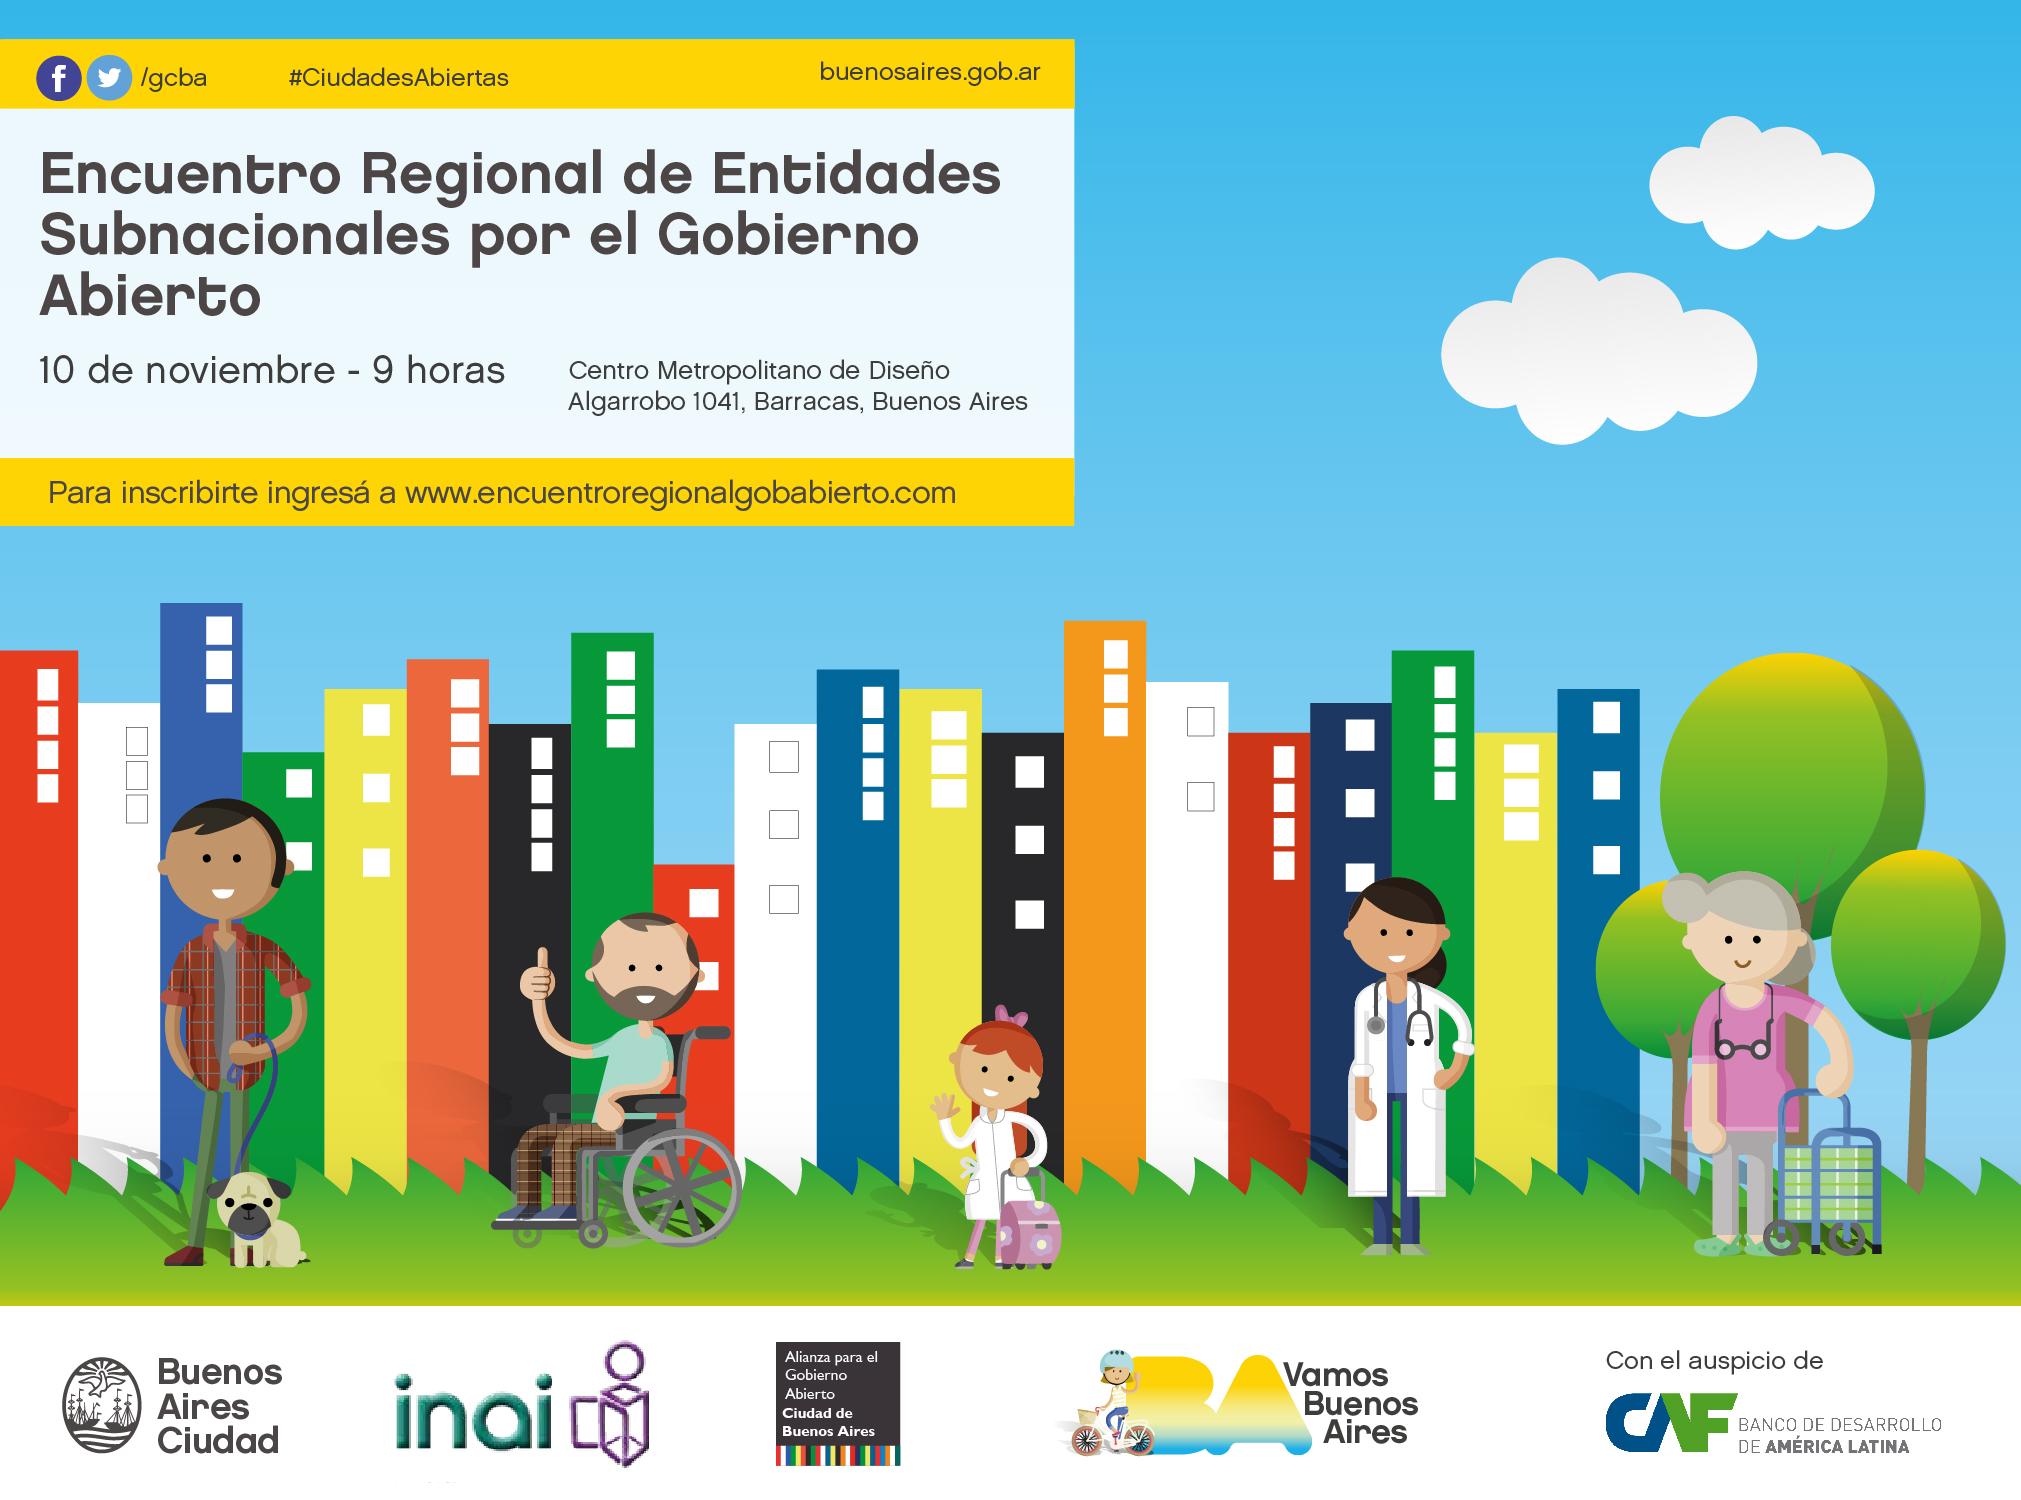 Encuentro Regional de Entidades Subnacionales por el Gobierno Abierto